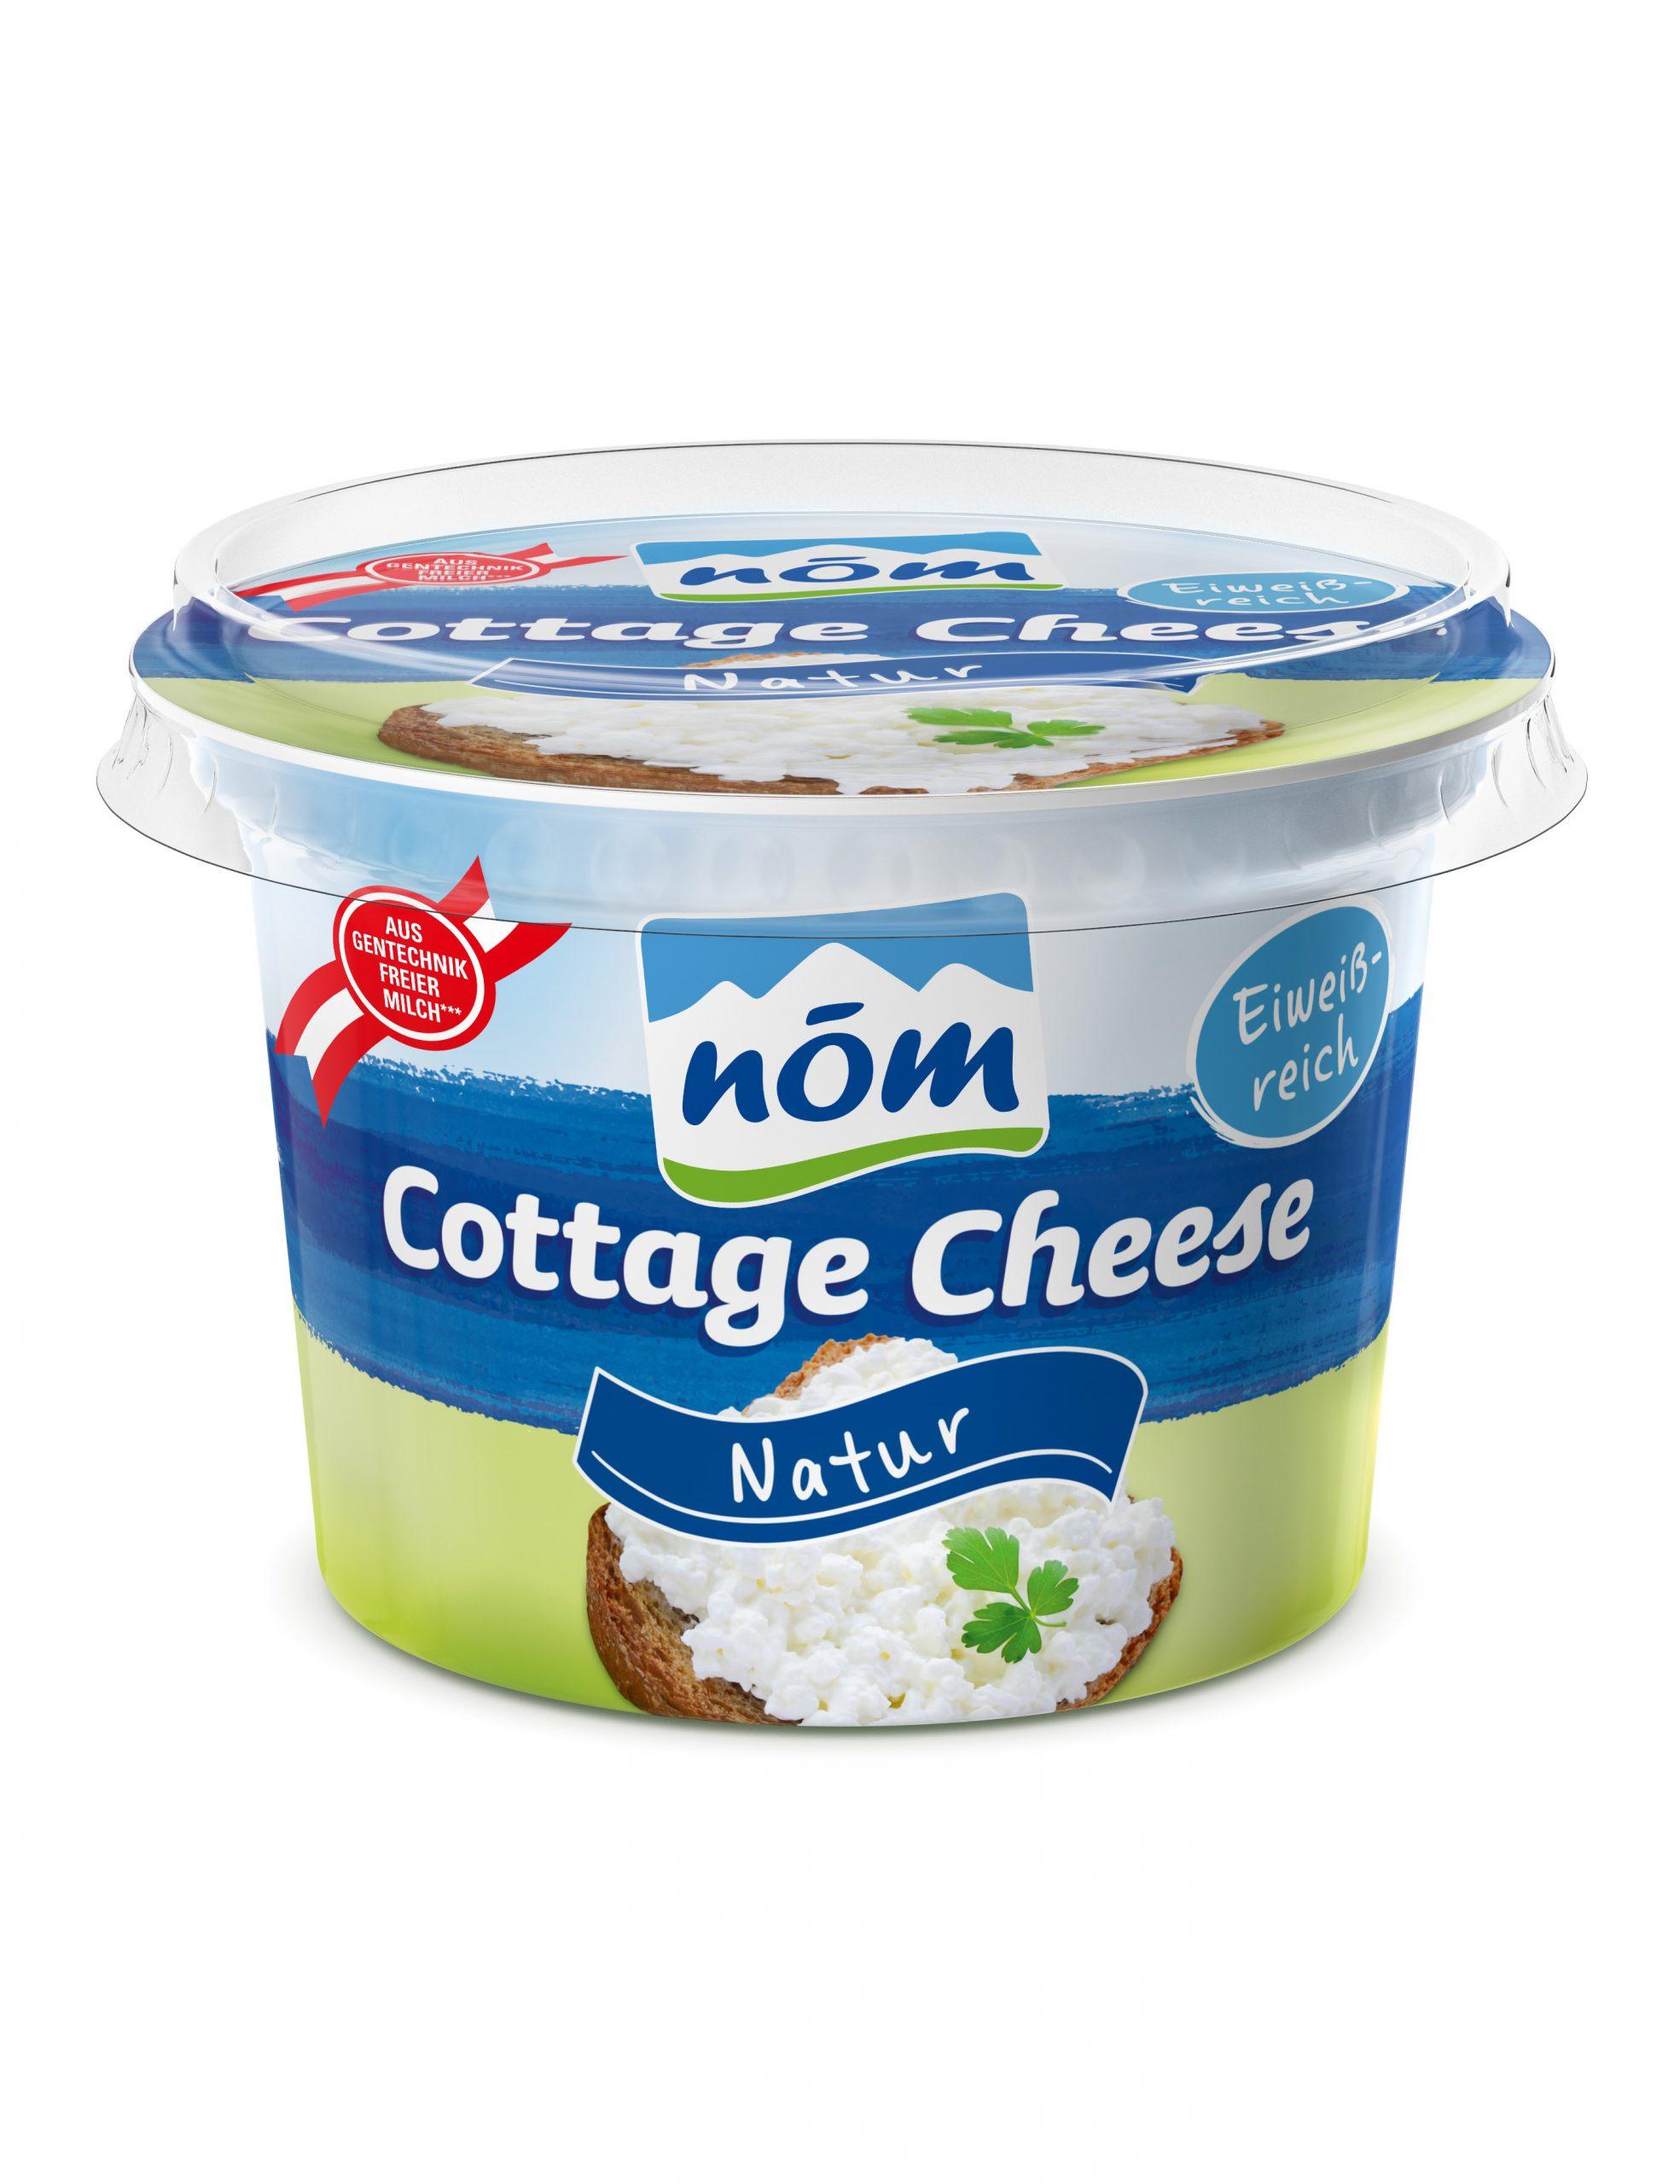 NÖM Cottage cheese 200g